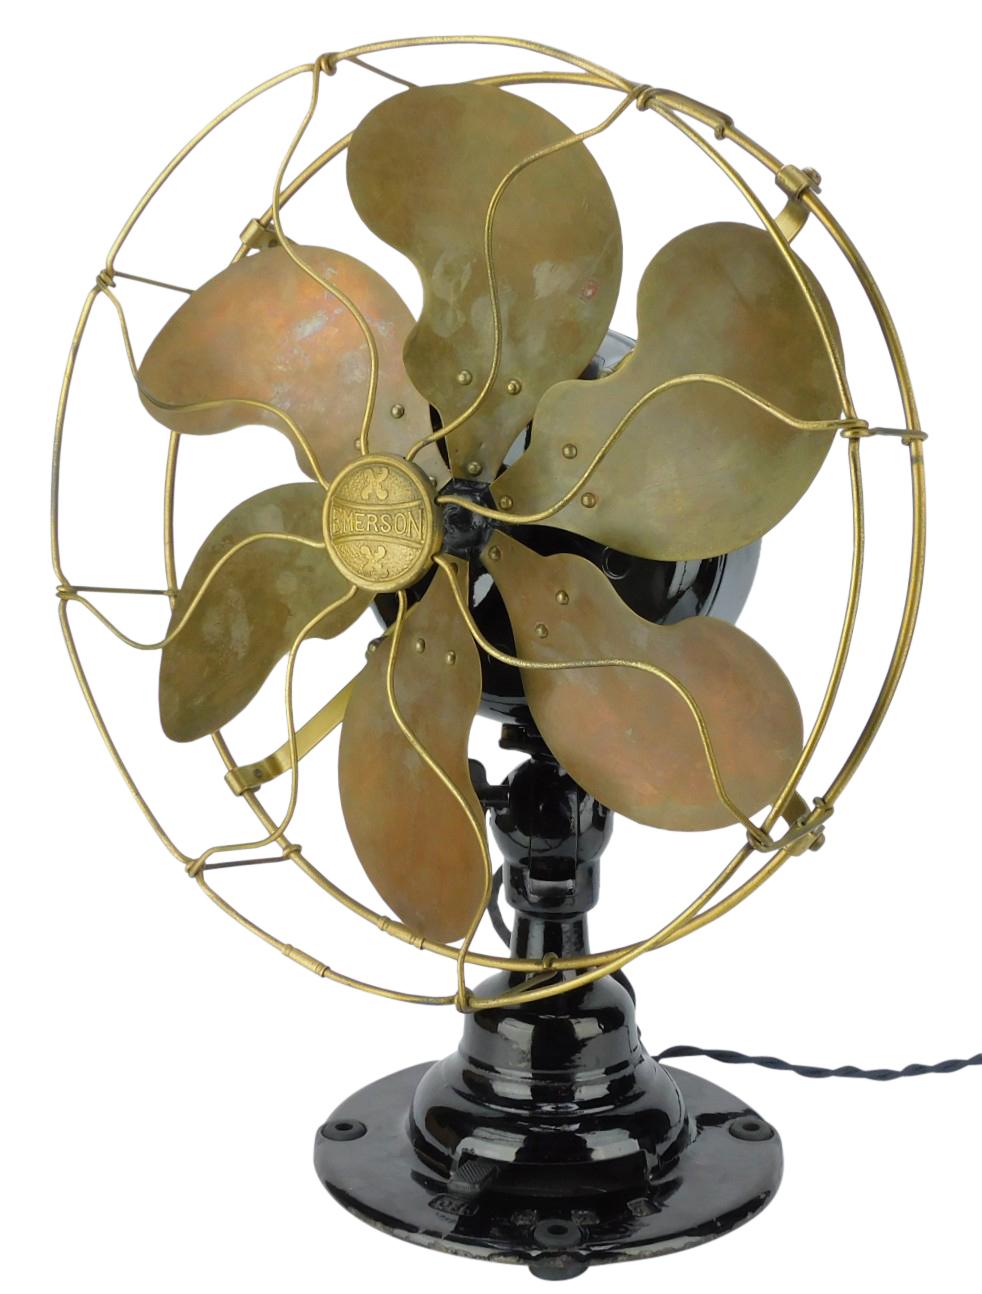 """Circa 1912 12"""" Emerson Type 16666 Lever Oscillating Desk Fan"""